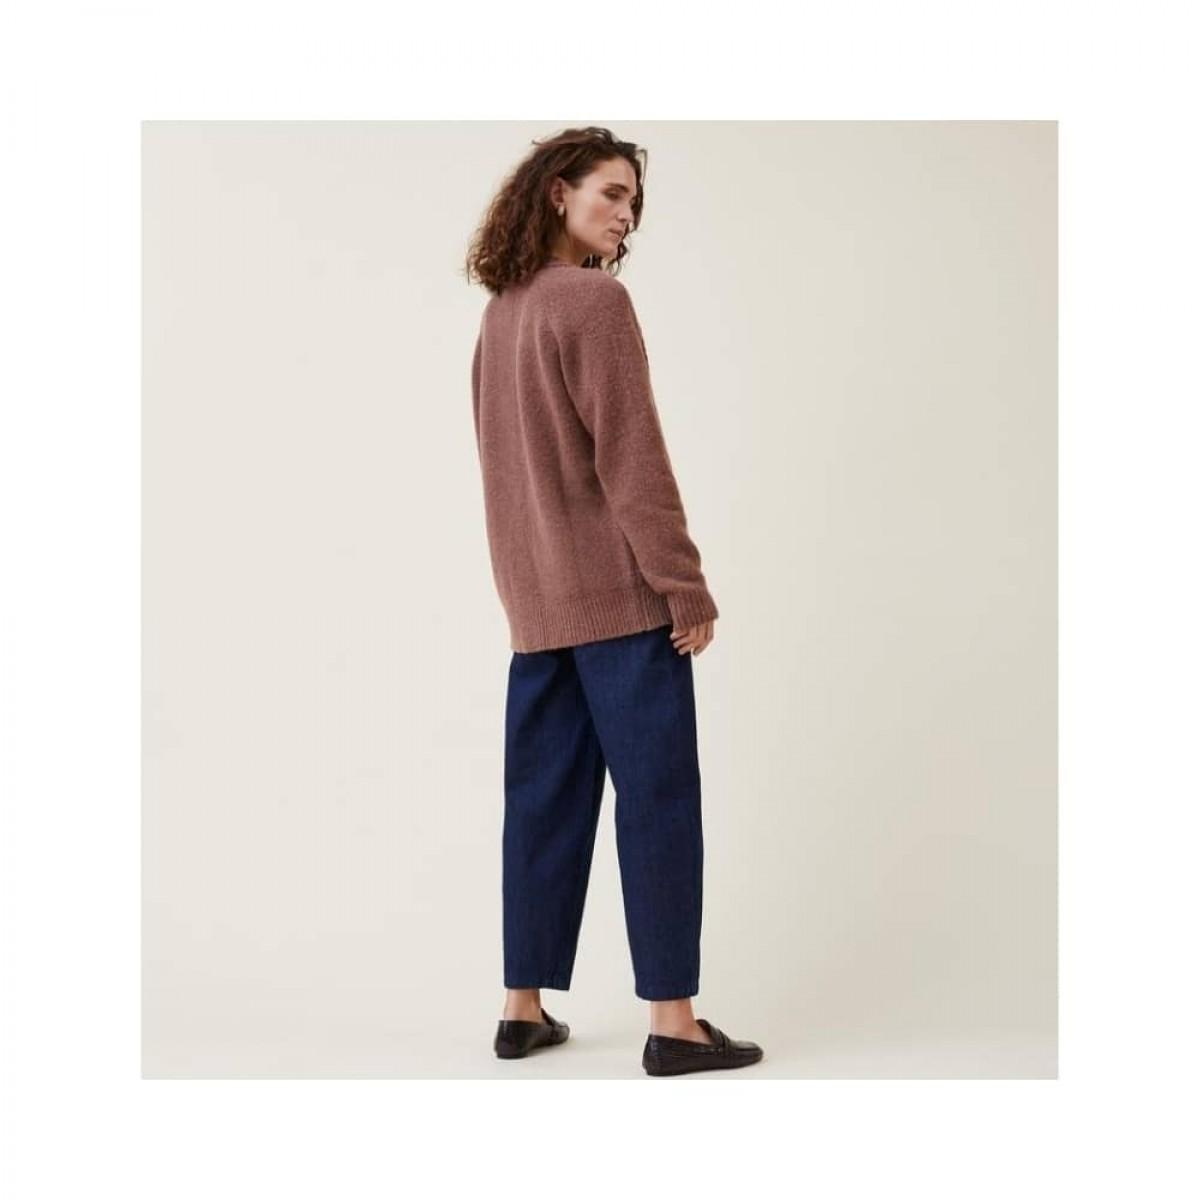 aston pants - denim blue - model fra siden